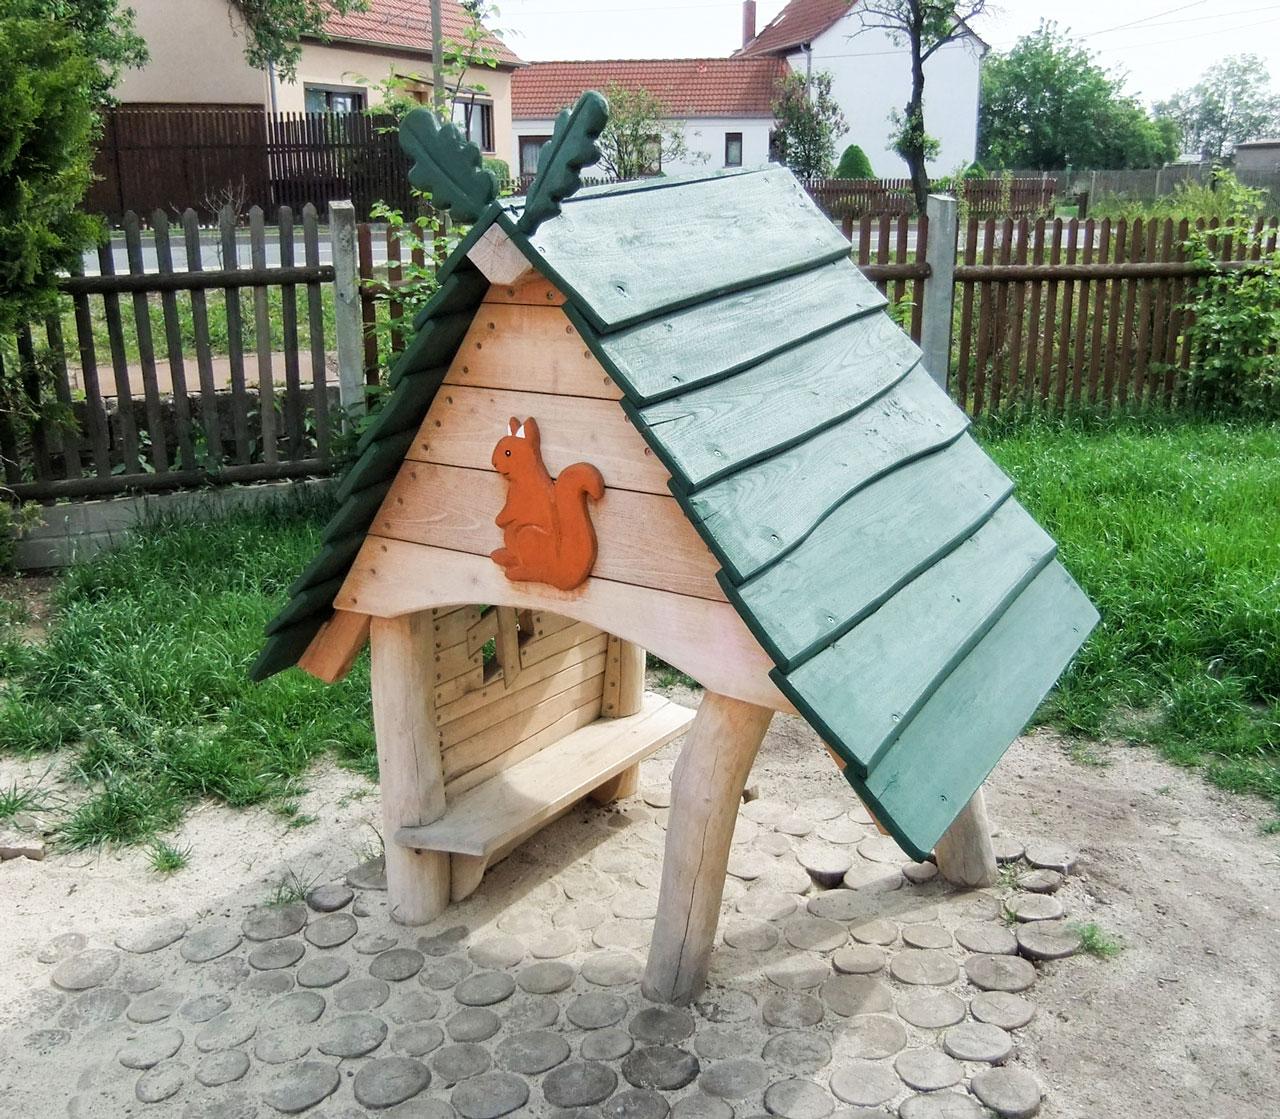 C 100 Spielhaus Eichhörnchen - Eichelhäuschen